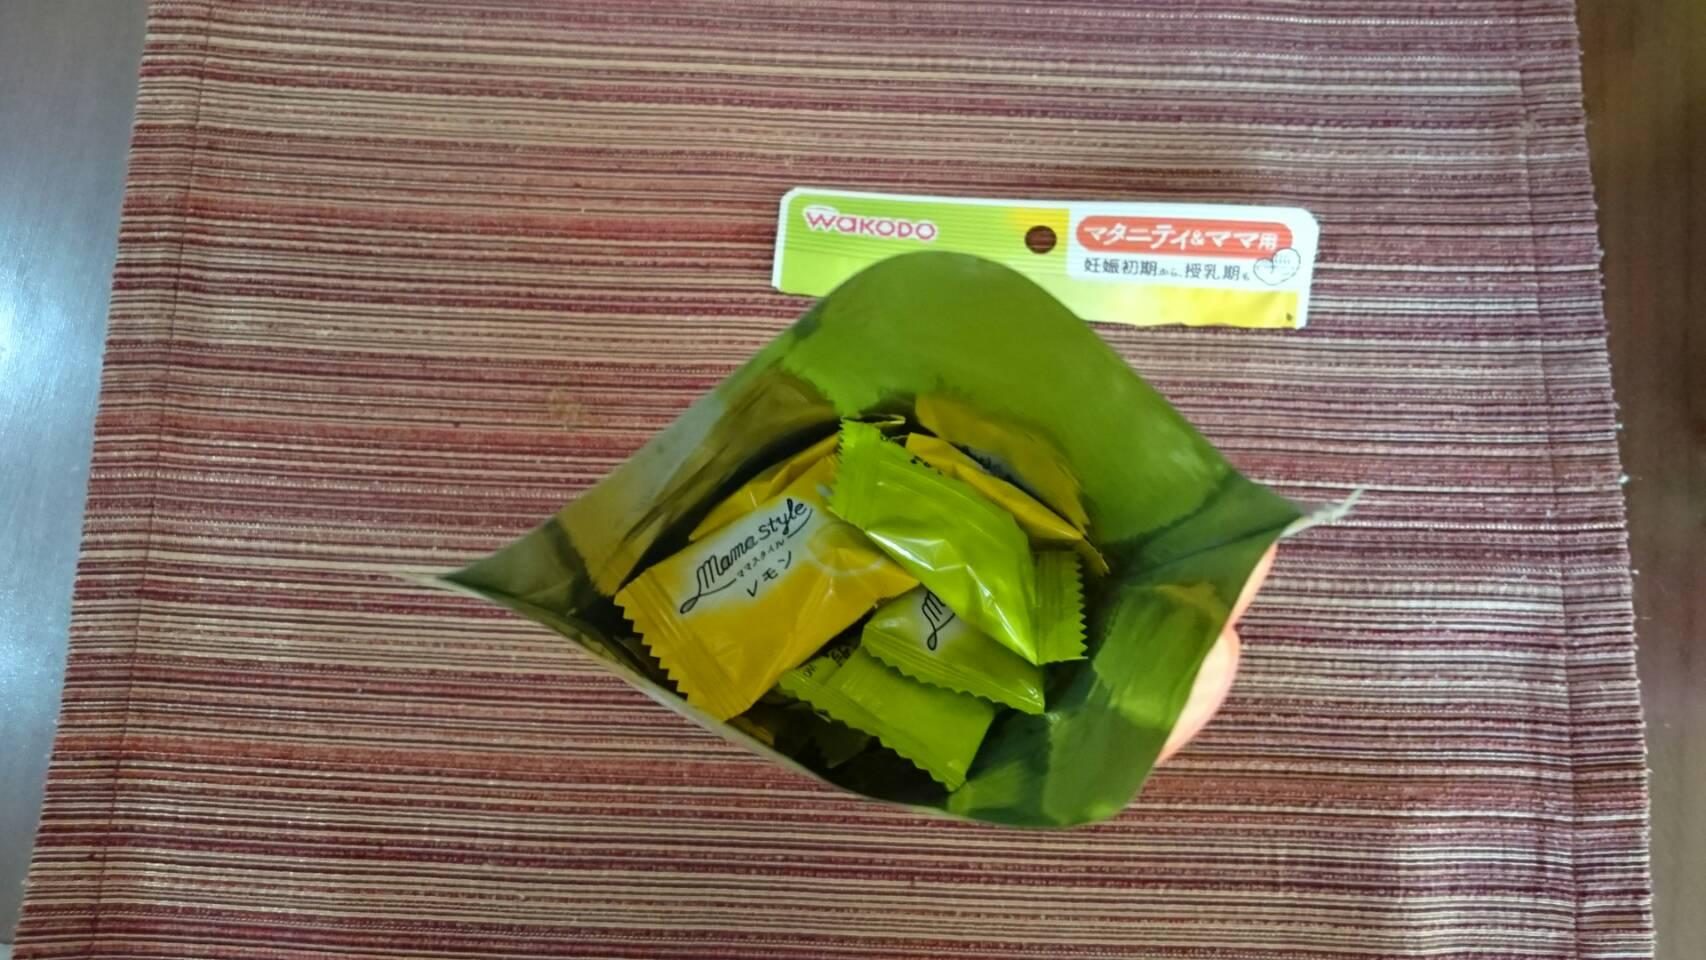 和光堂の葉酸キャンディの開封